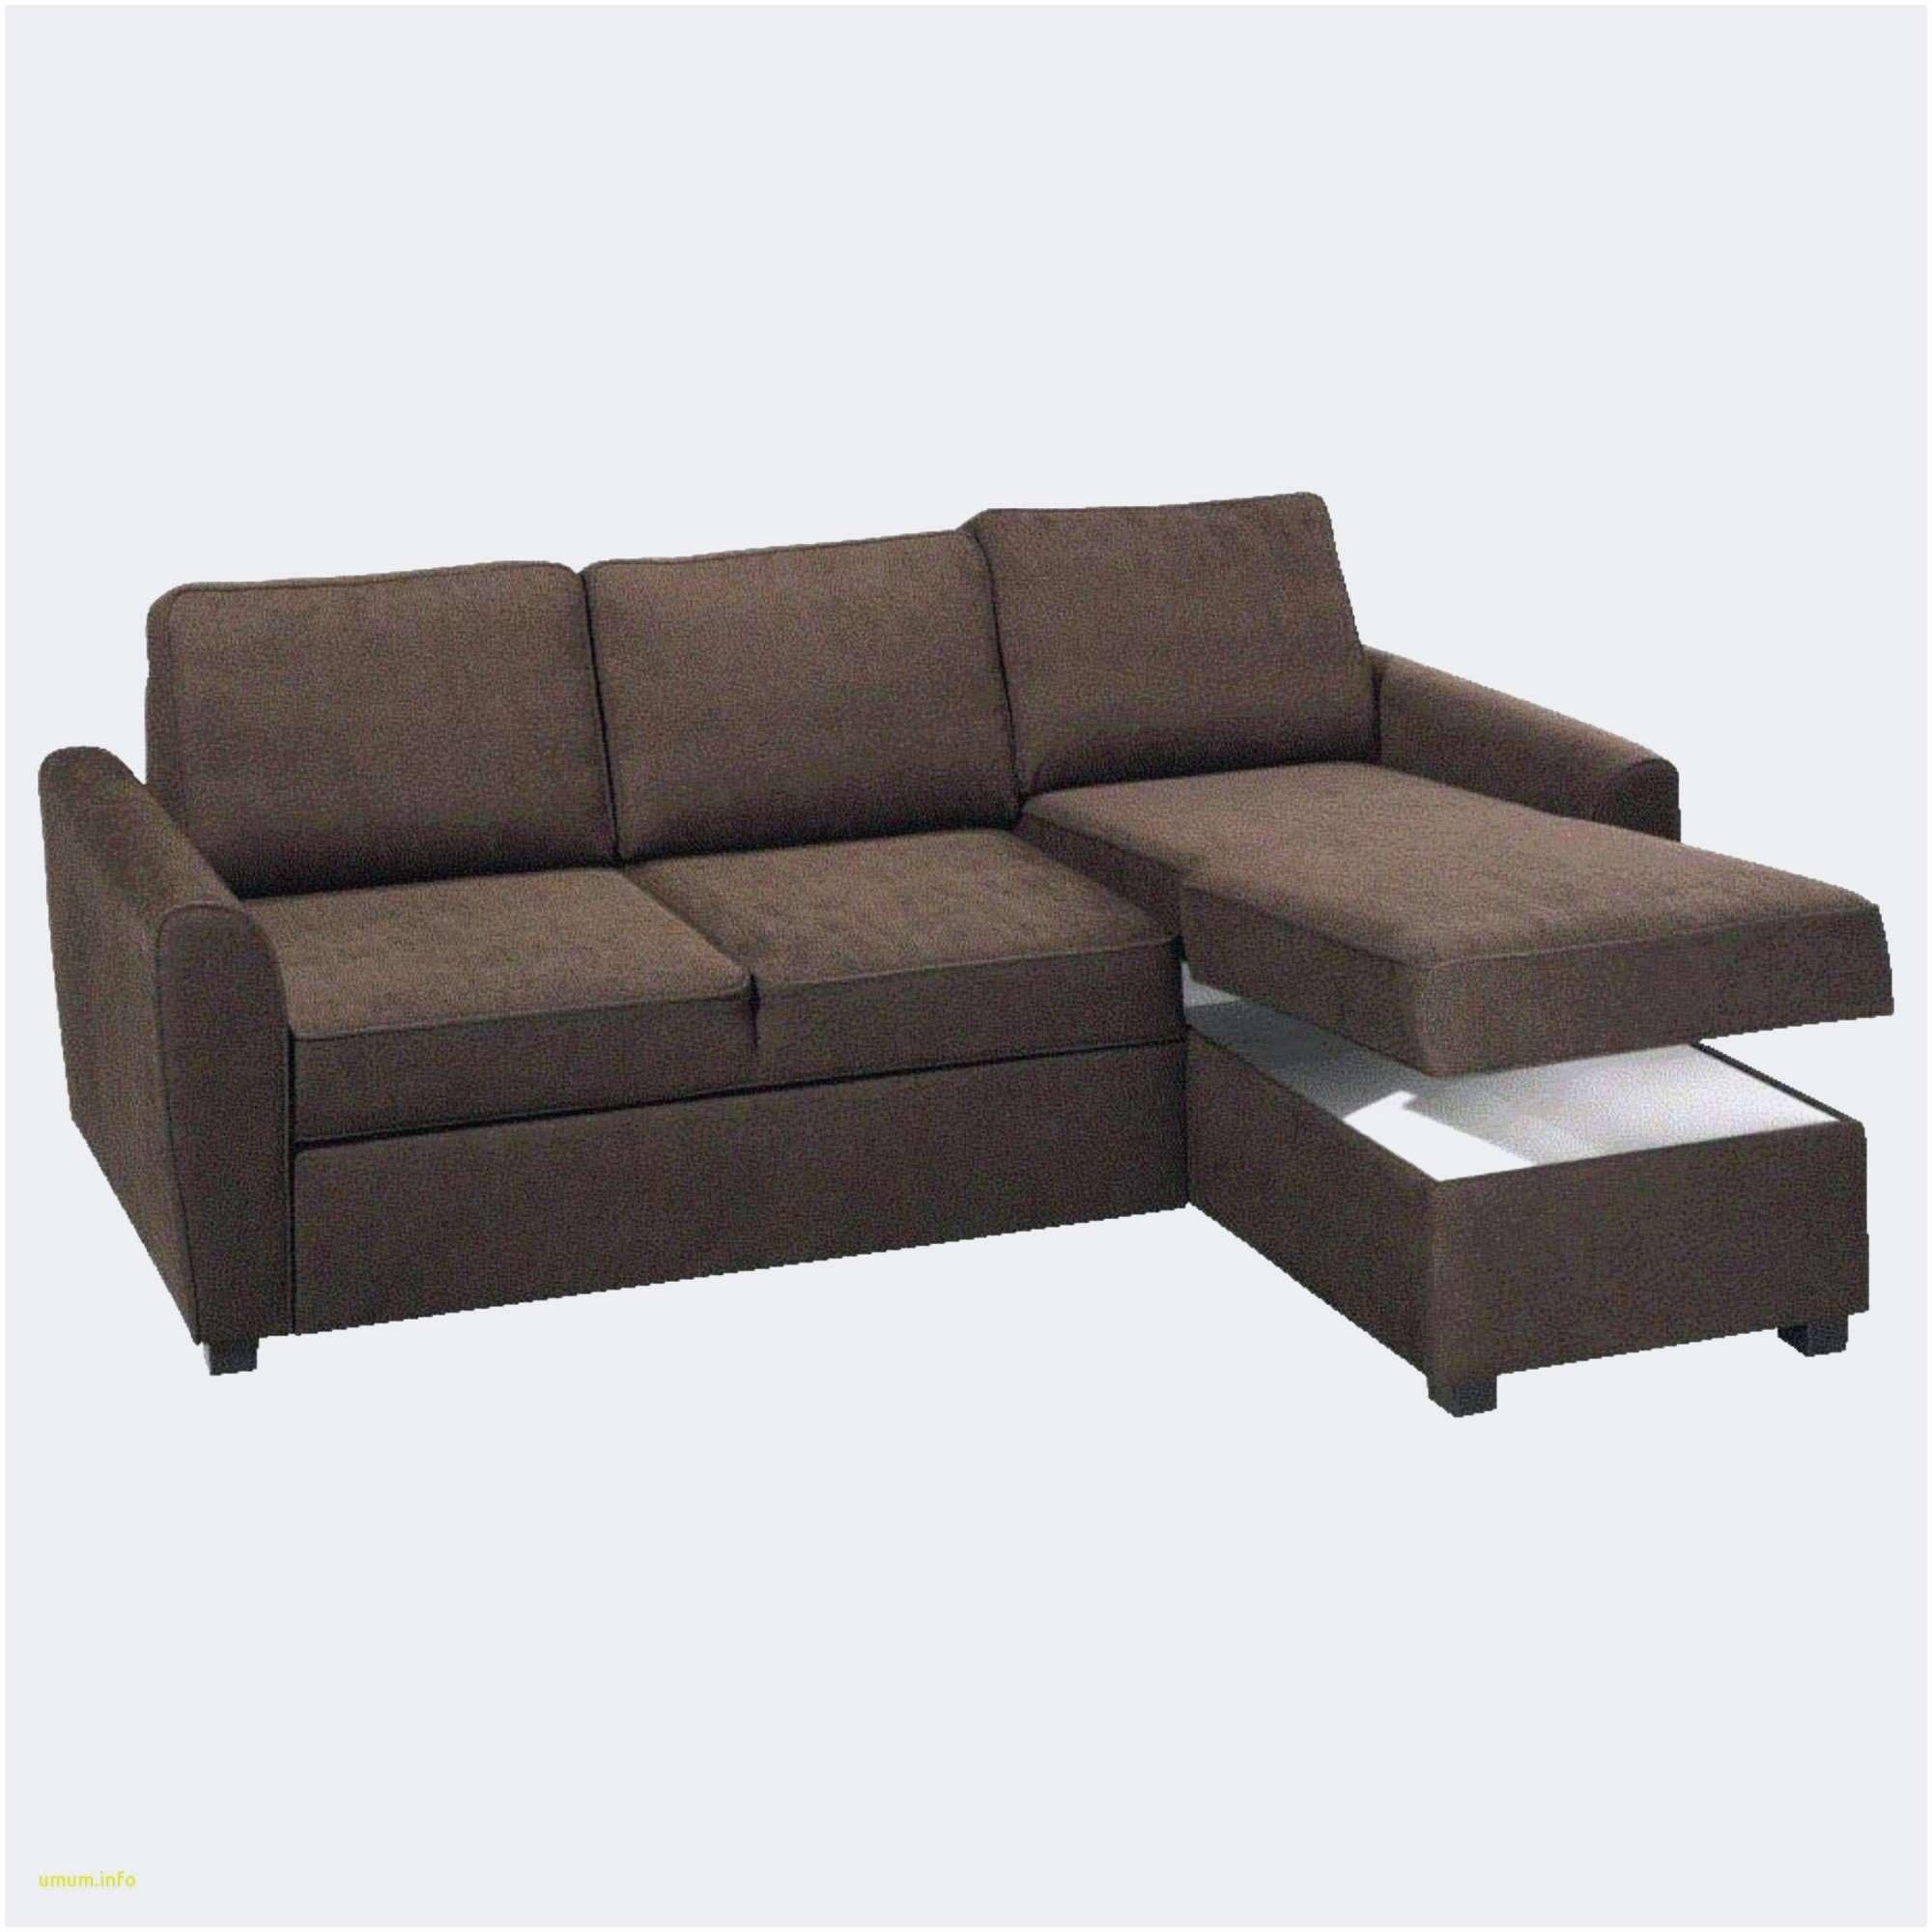 Lit Canapé Ikea Impressionnant Frais 21 Meuble Dos De Canapé Pour Option Meuble Dos De Canapé